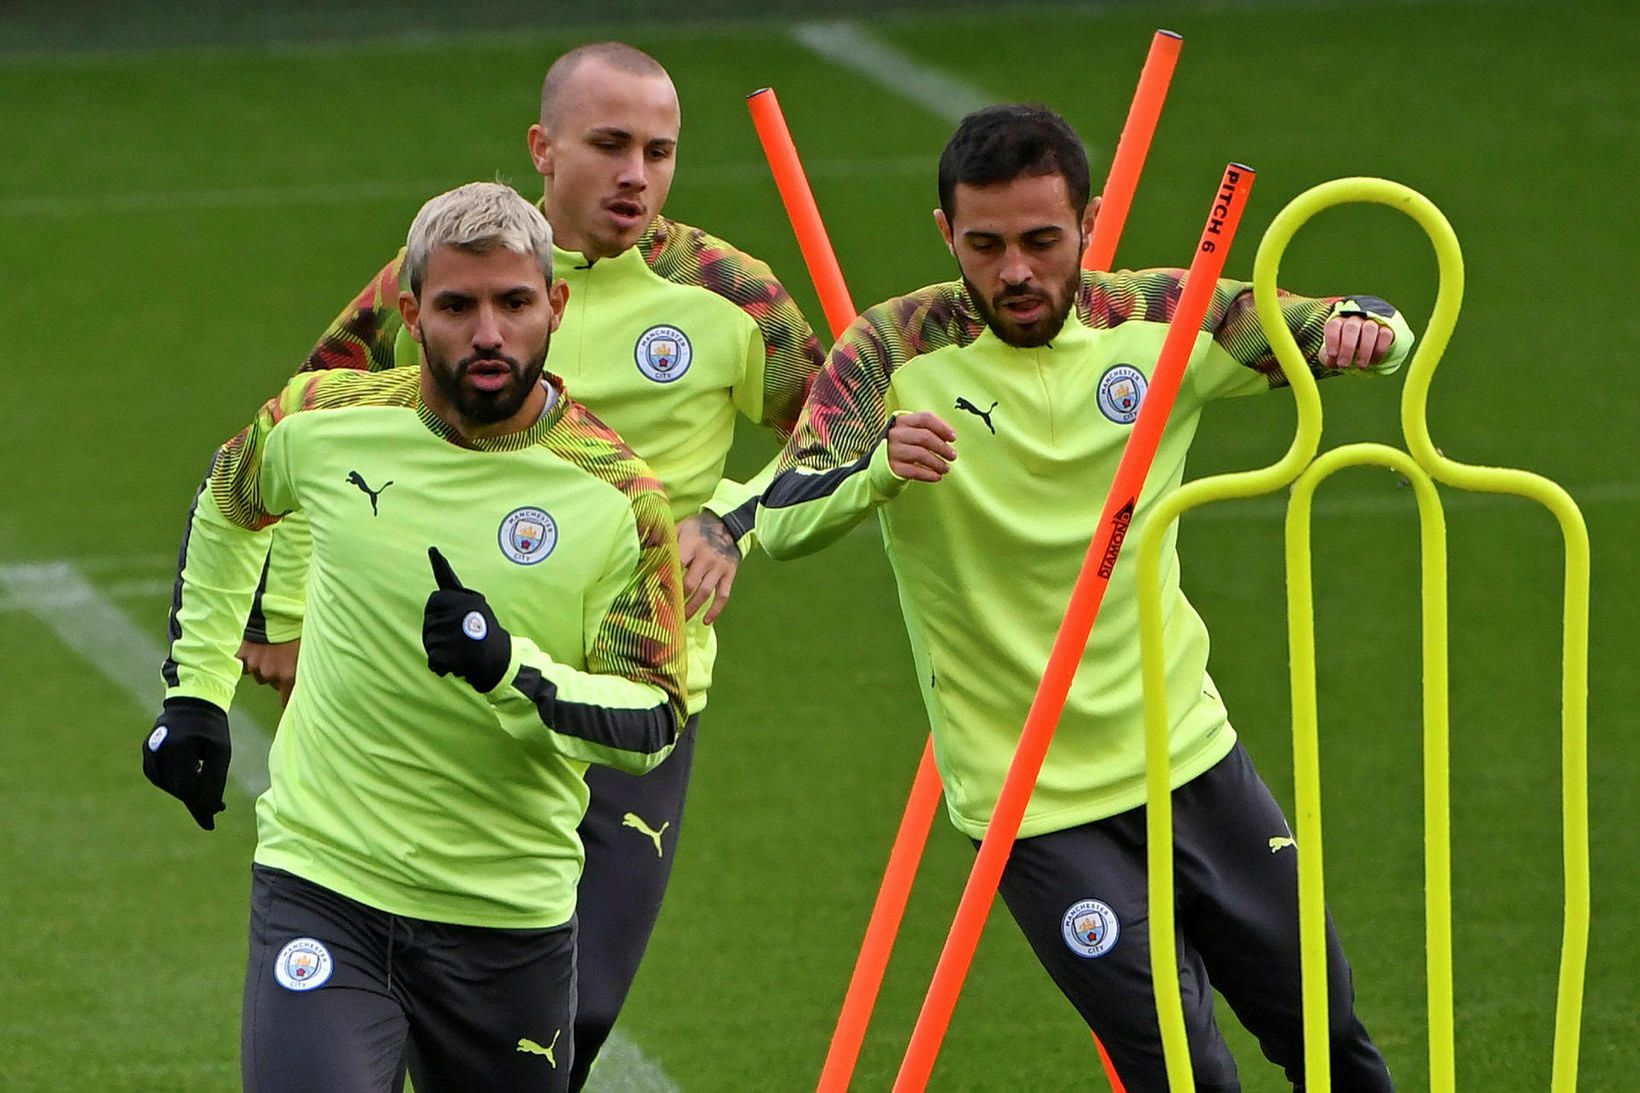 Manchester City á æfingu í dag.